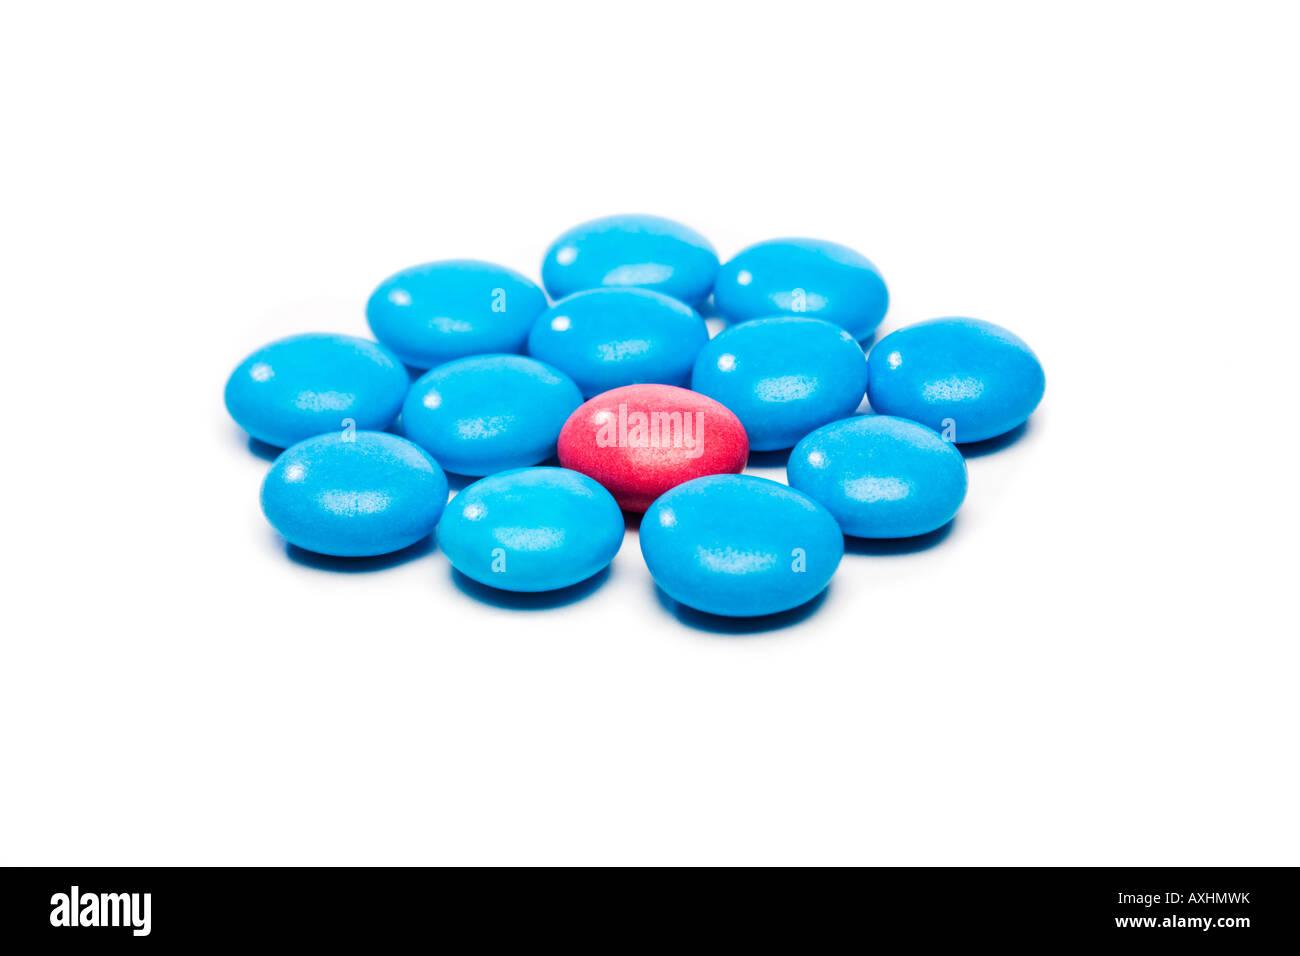 Farbigen Süßigkeiten verwendet, um das Konzept des Schutzes, der Aufnahme oder der Individualität Stockbild